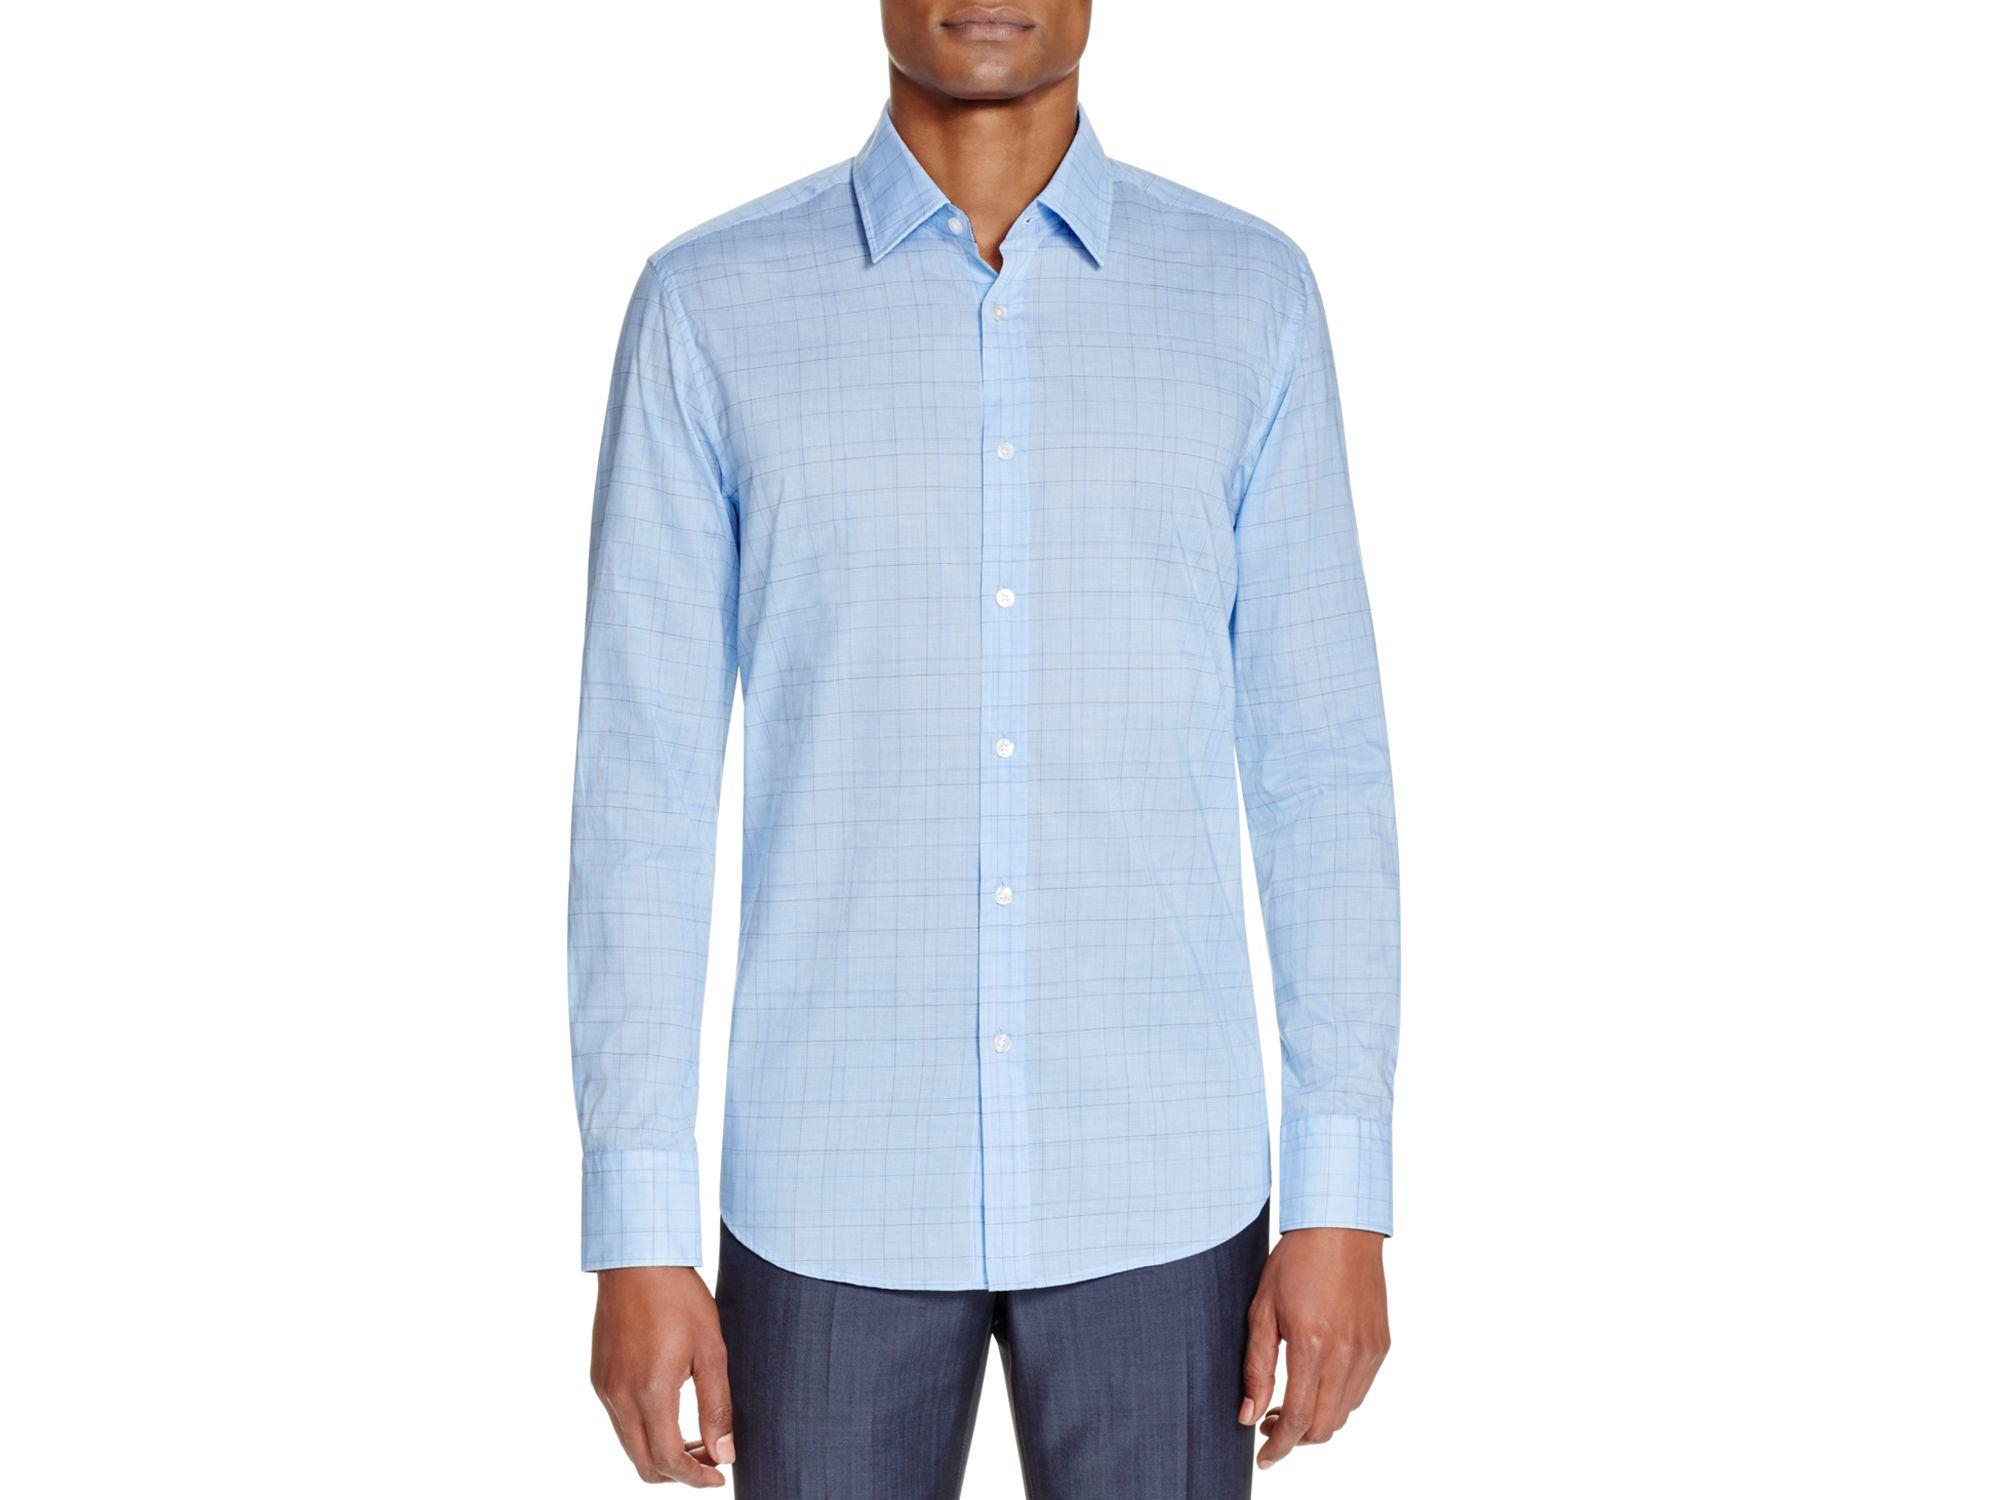 462540fd Boss Boss Lukas Windowpane Regular Fit Button Down Shirt in Blue for ...